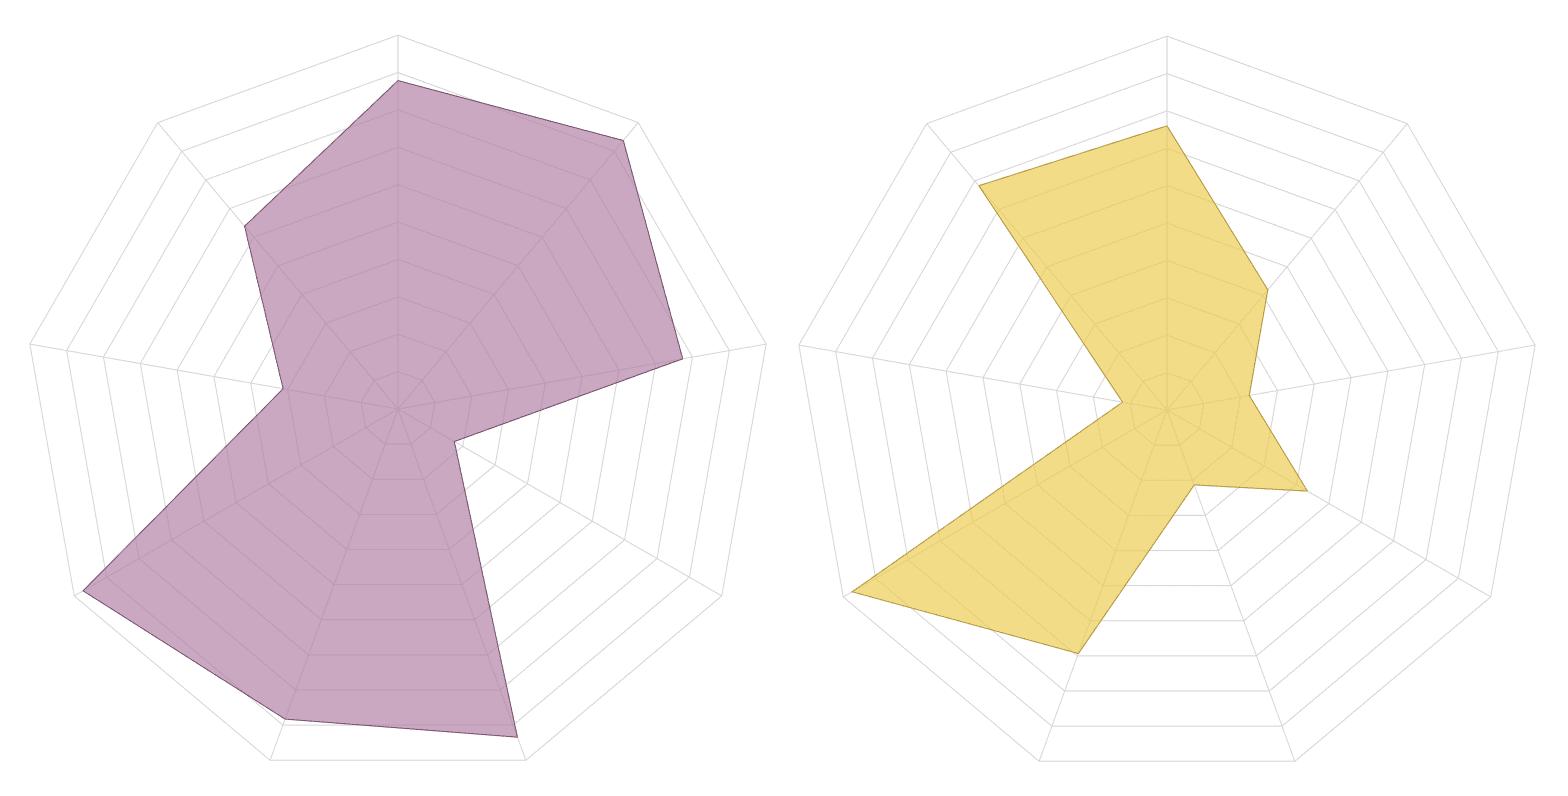 Creating Radar/Spider Charts in Tableau - Ken Flerlage